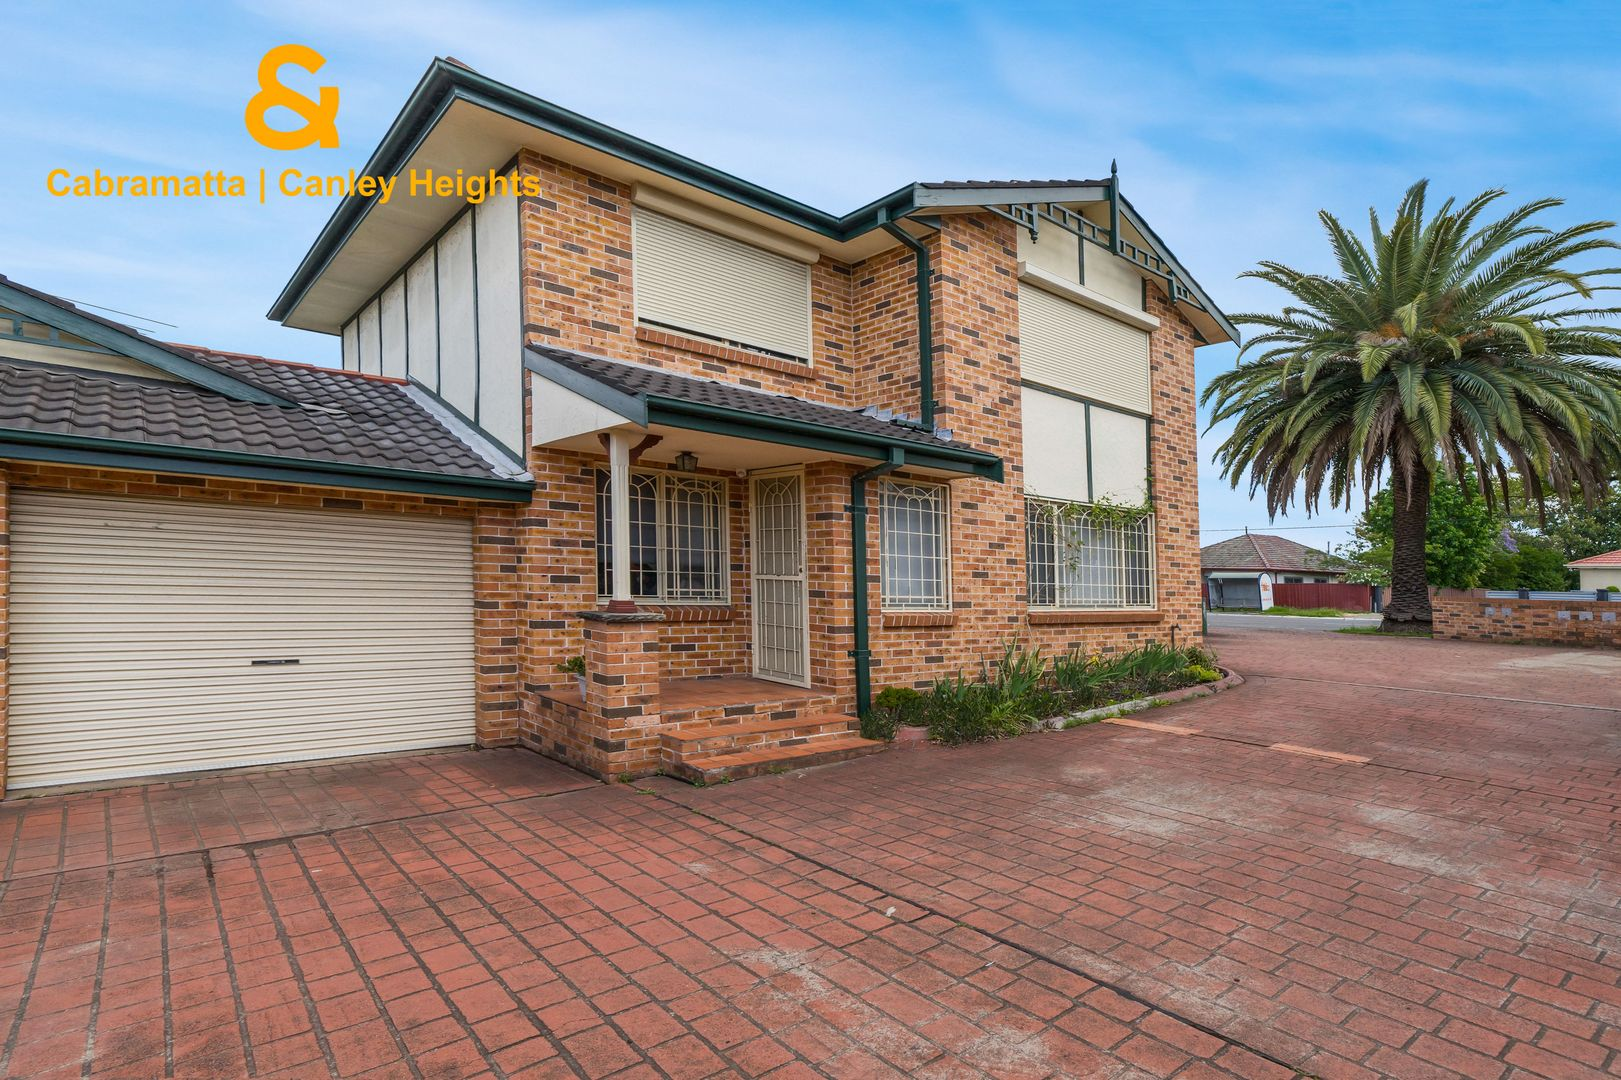 10/390 CABRAMATTA ROAD, Cabramatta NSW 2166, Image 0